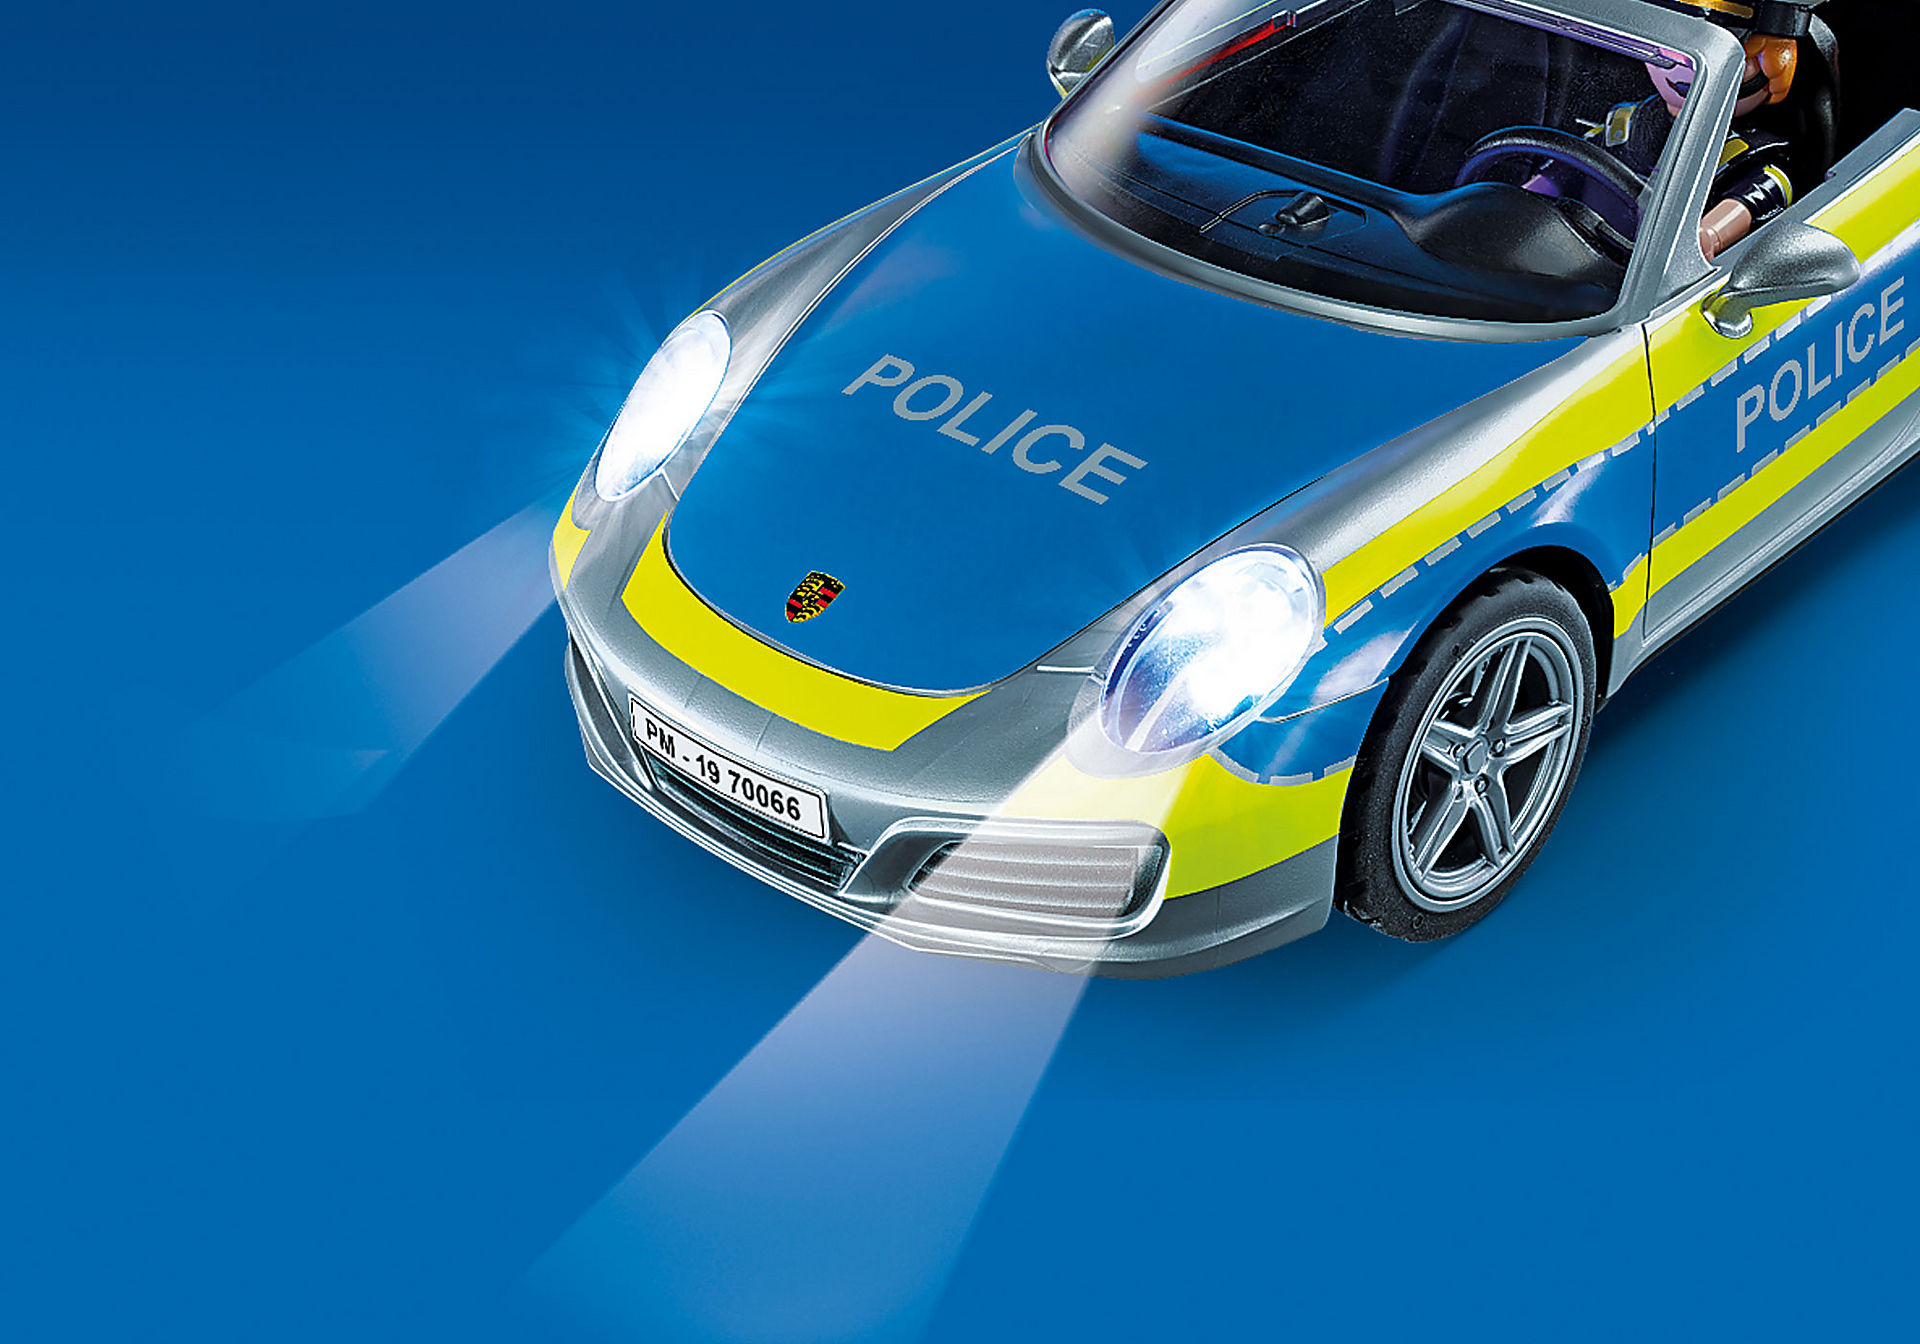 http://media.playmobil.com/i/playmobil/70066_product_extra2/Porsche 911 Carrera 4S Police - White